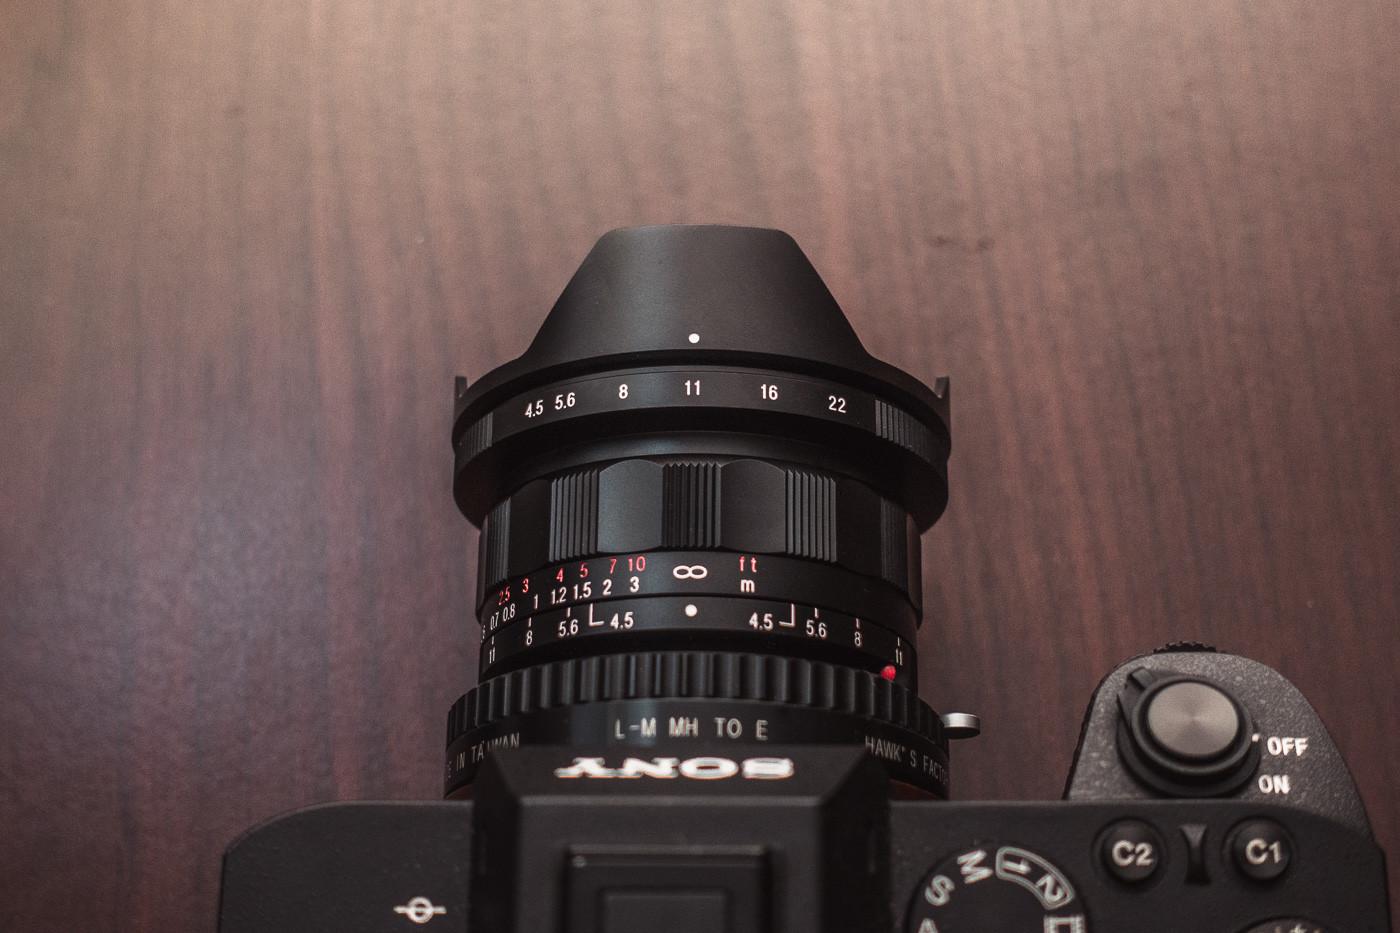 voigtlander-15mm-f45-heliar-iii-1